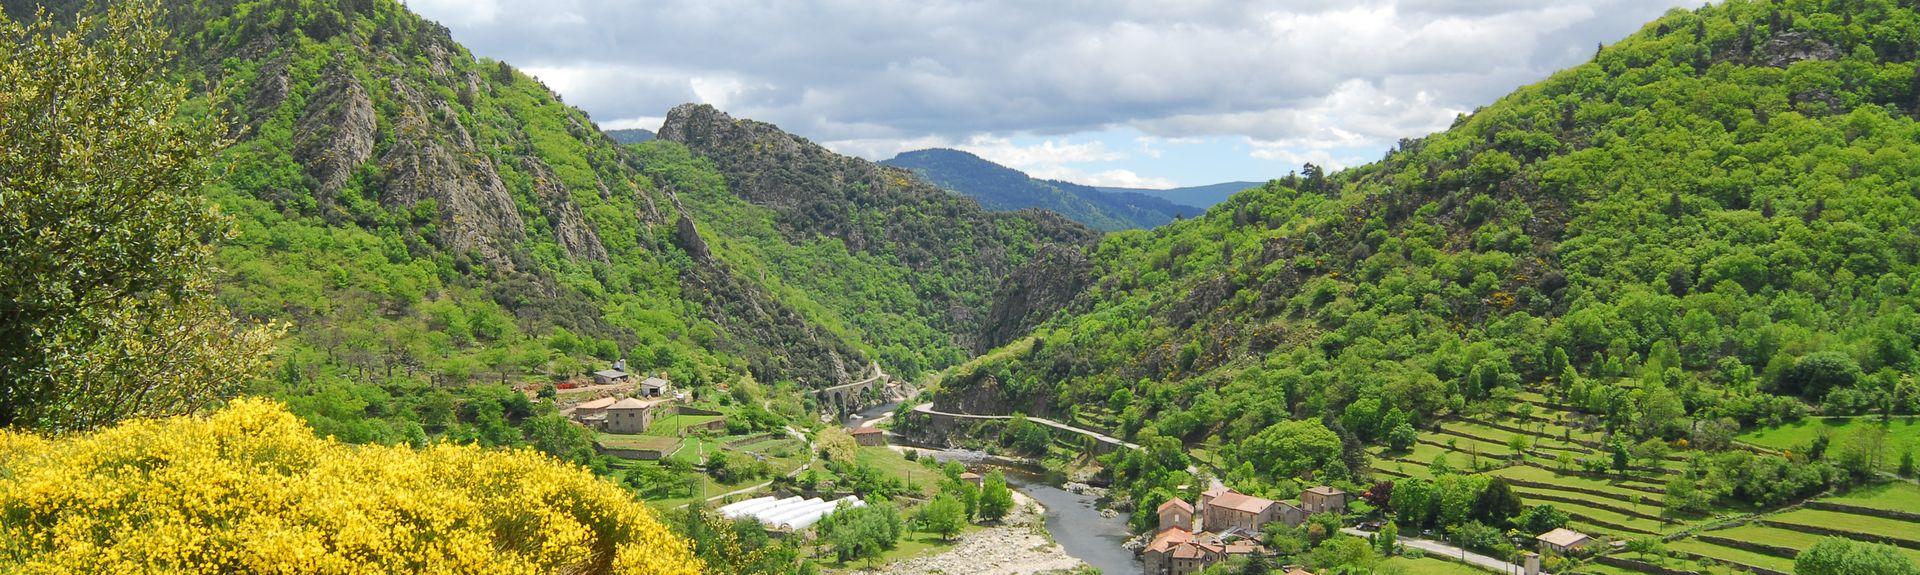 Saint-Laurent-du-Pape, Ardèche (département), France